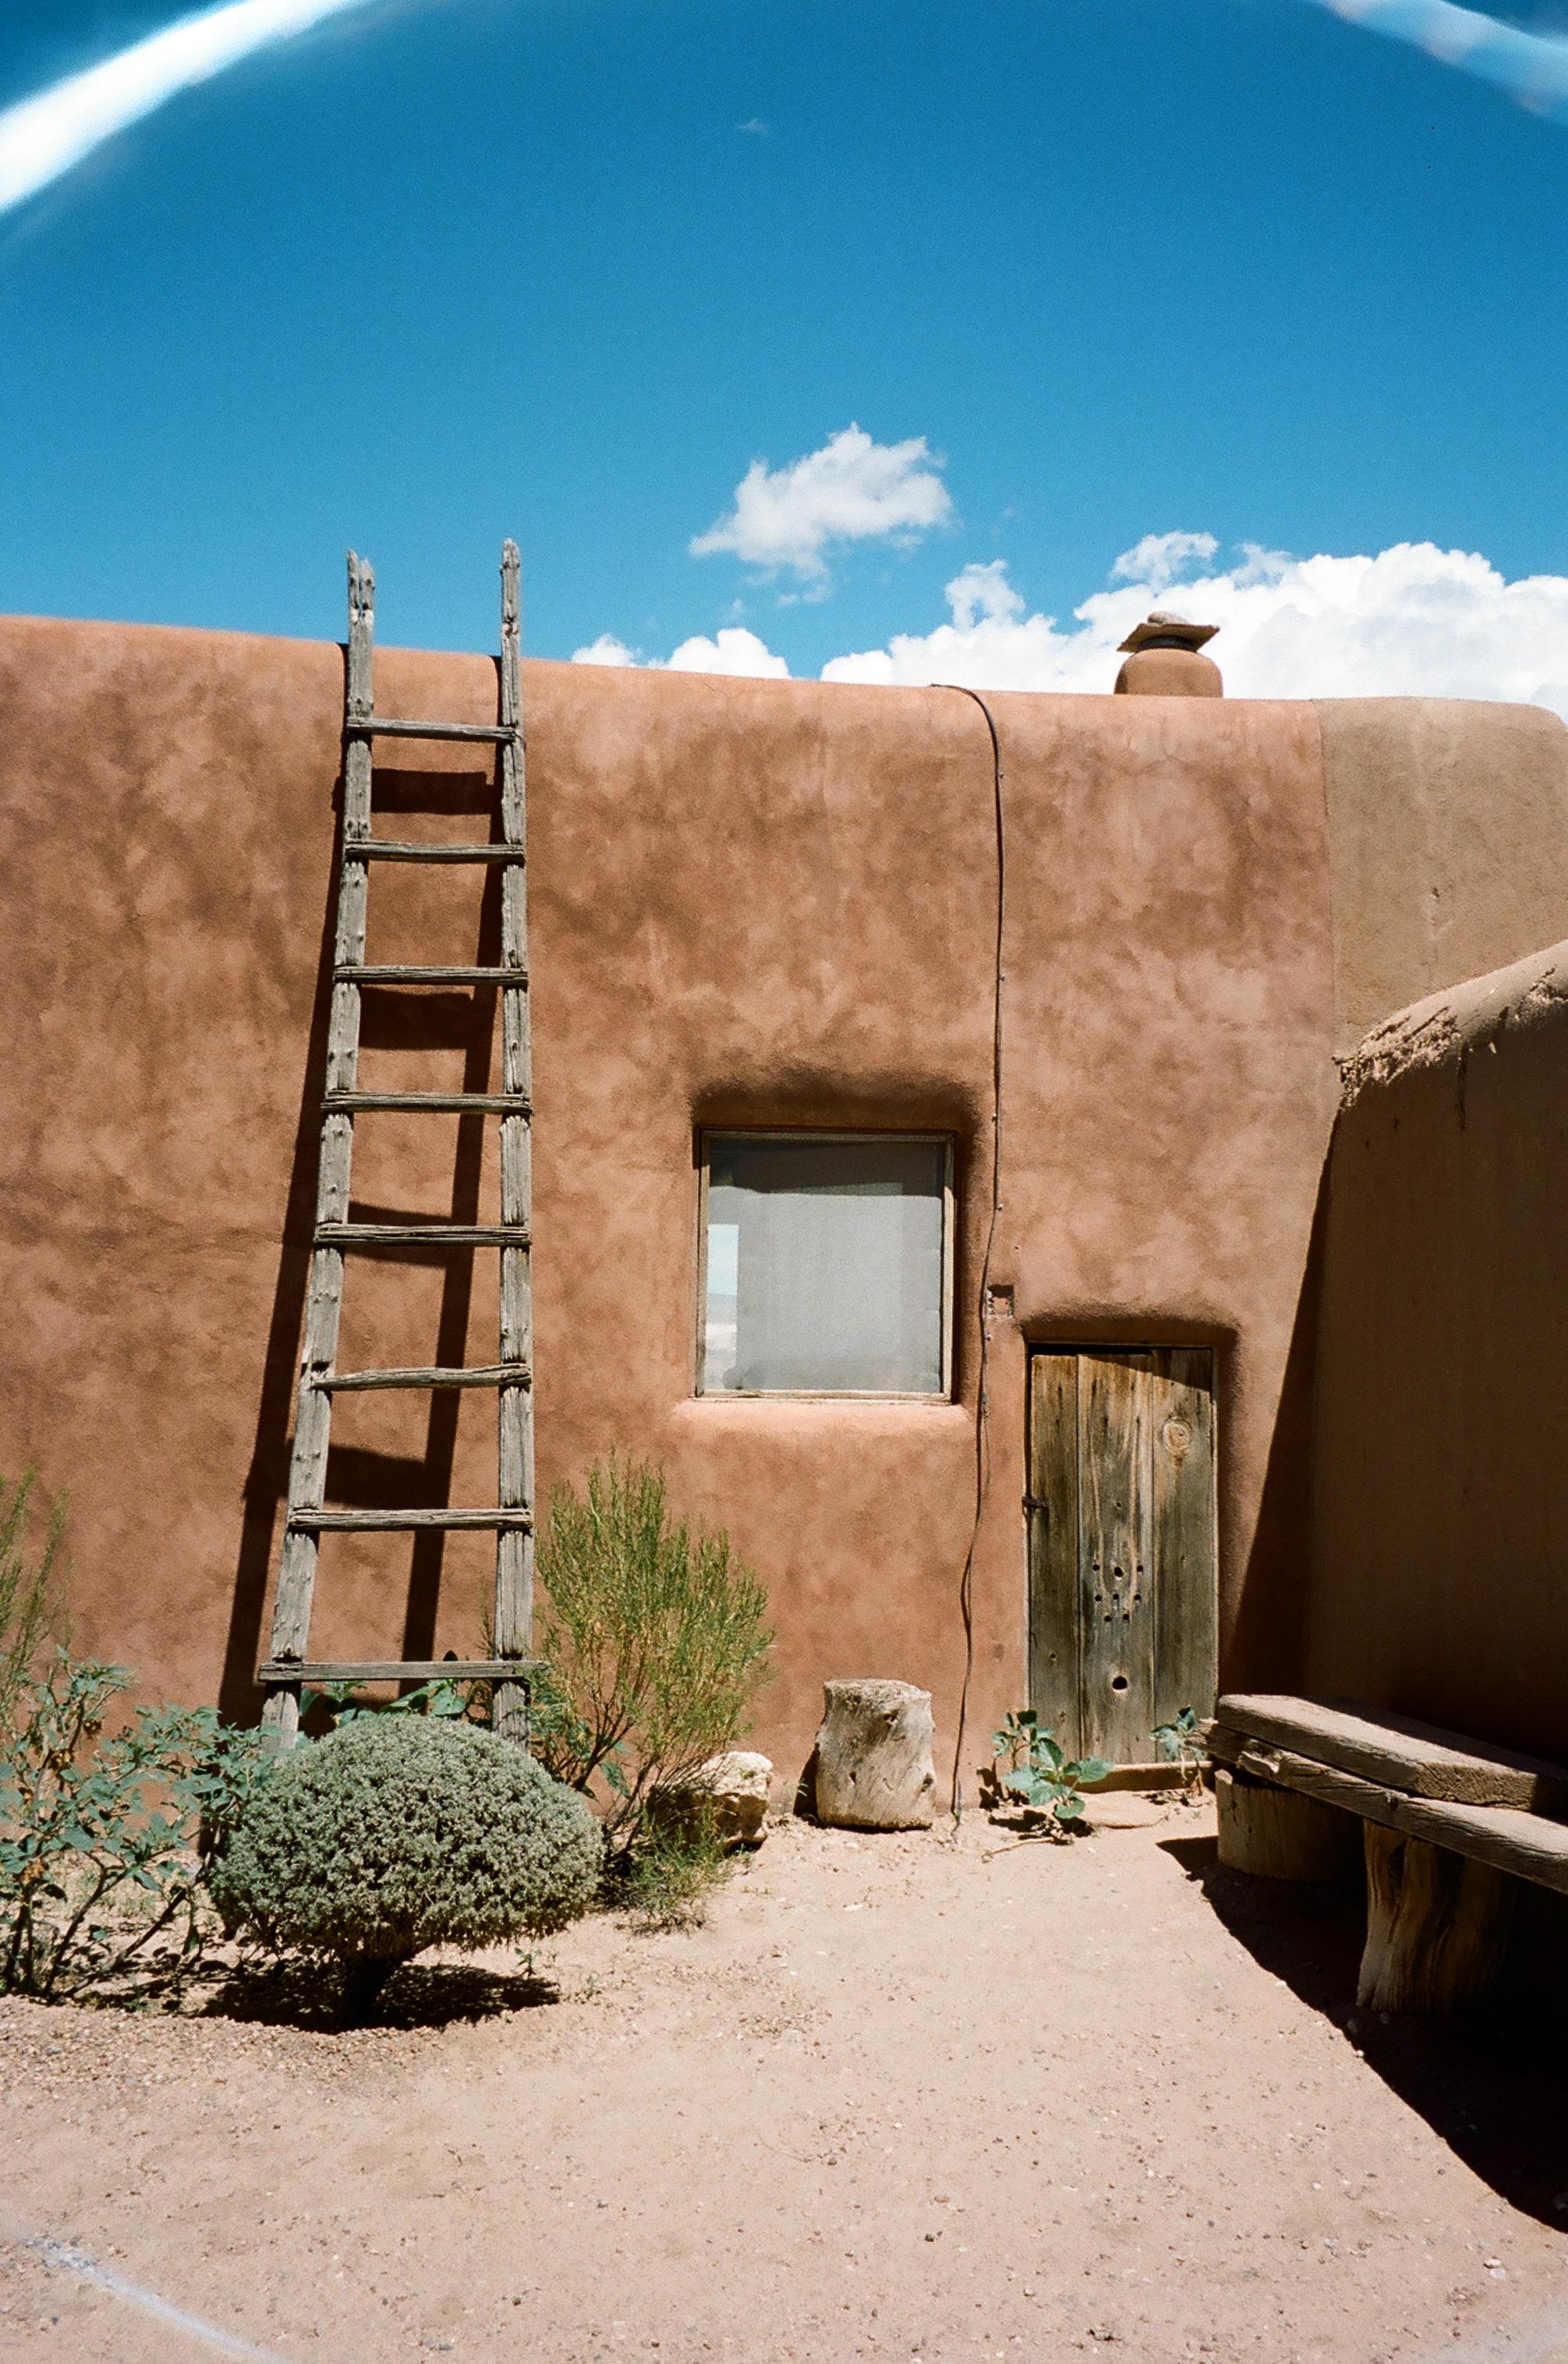 Georgia O'Keefe's home / New Mexico.